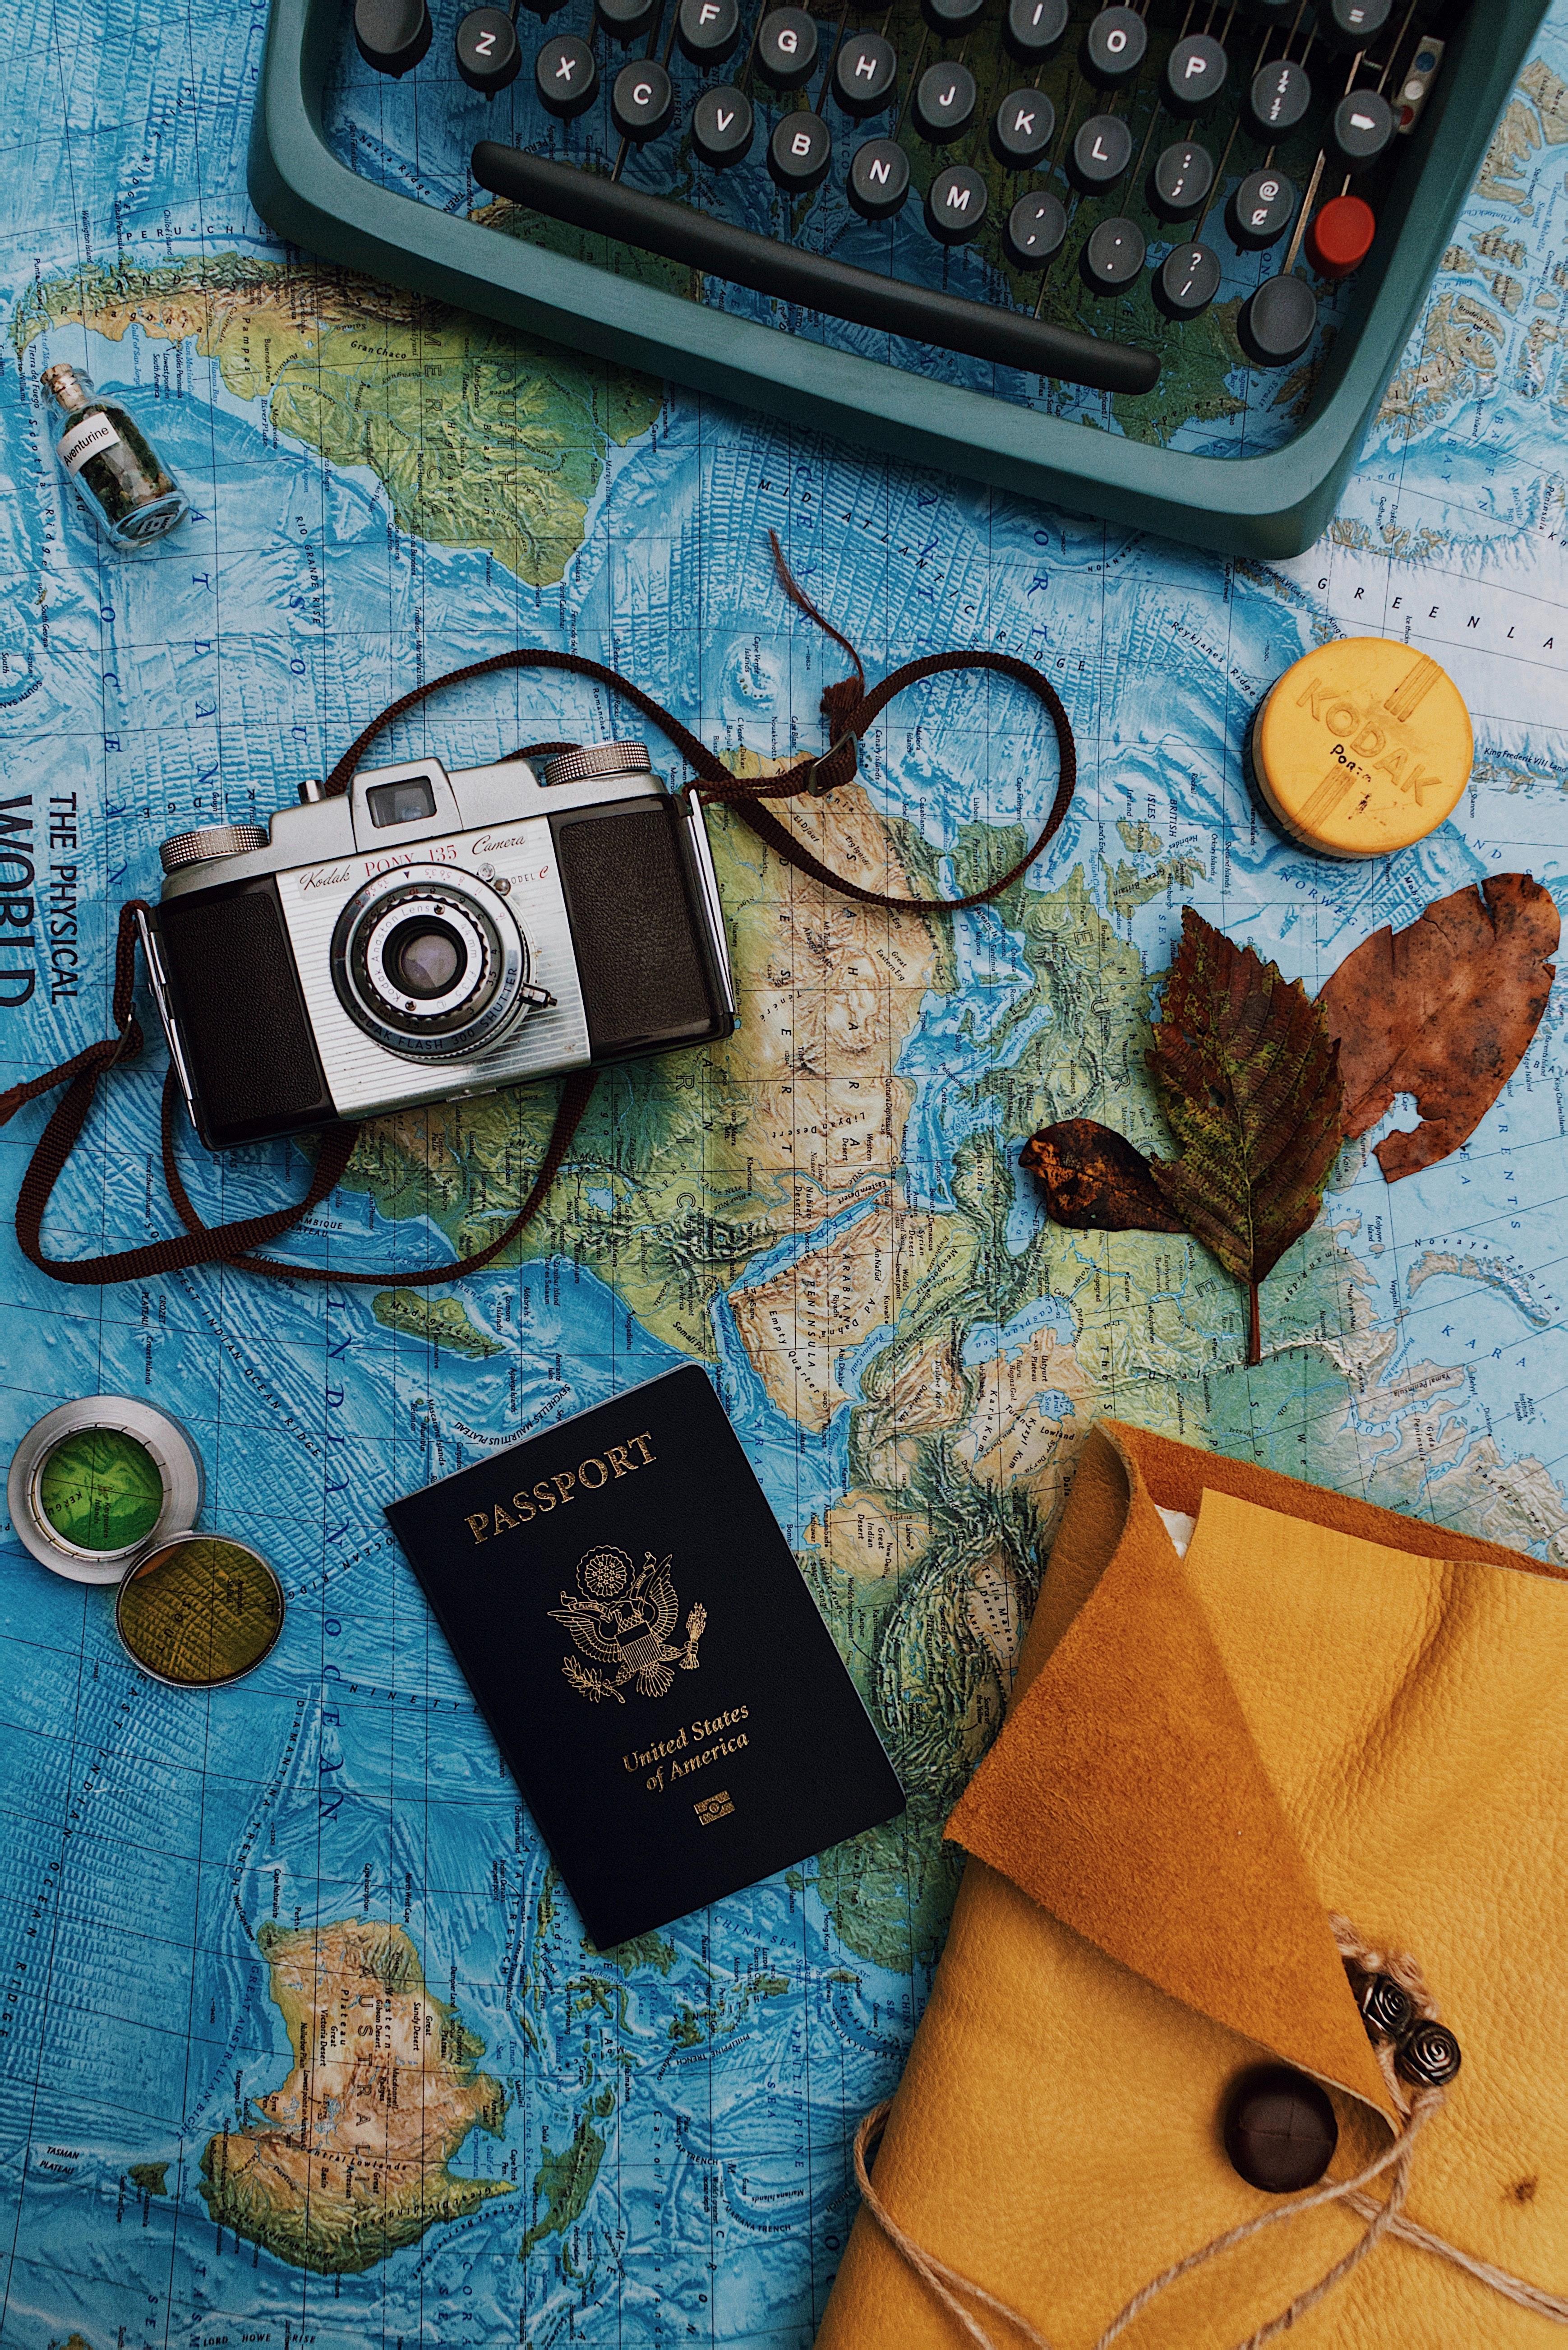 93871 Заставки и Обои Натюрморт на телефон. Скачать Карта, Натюрморт, Разное, Фотоаппарат, Паспорт картинки бесплатно